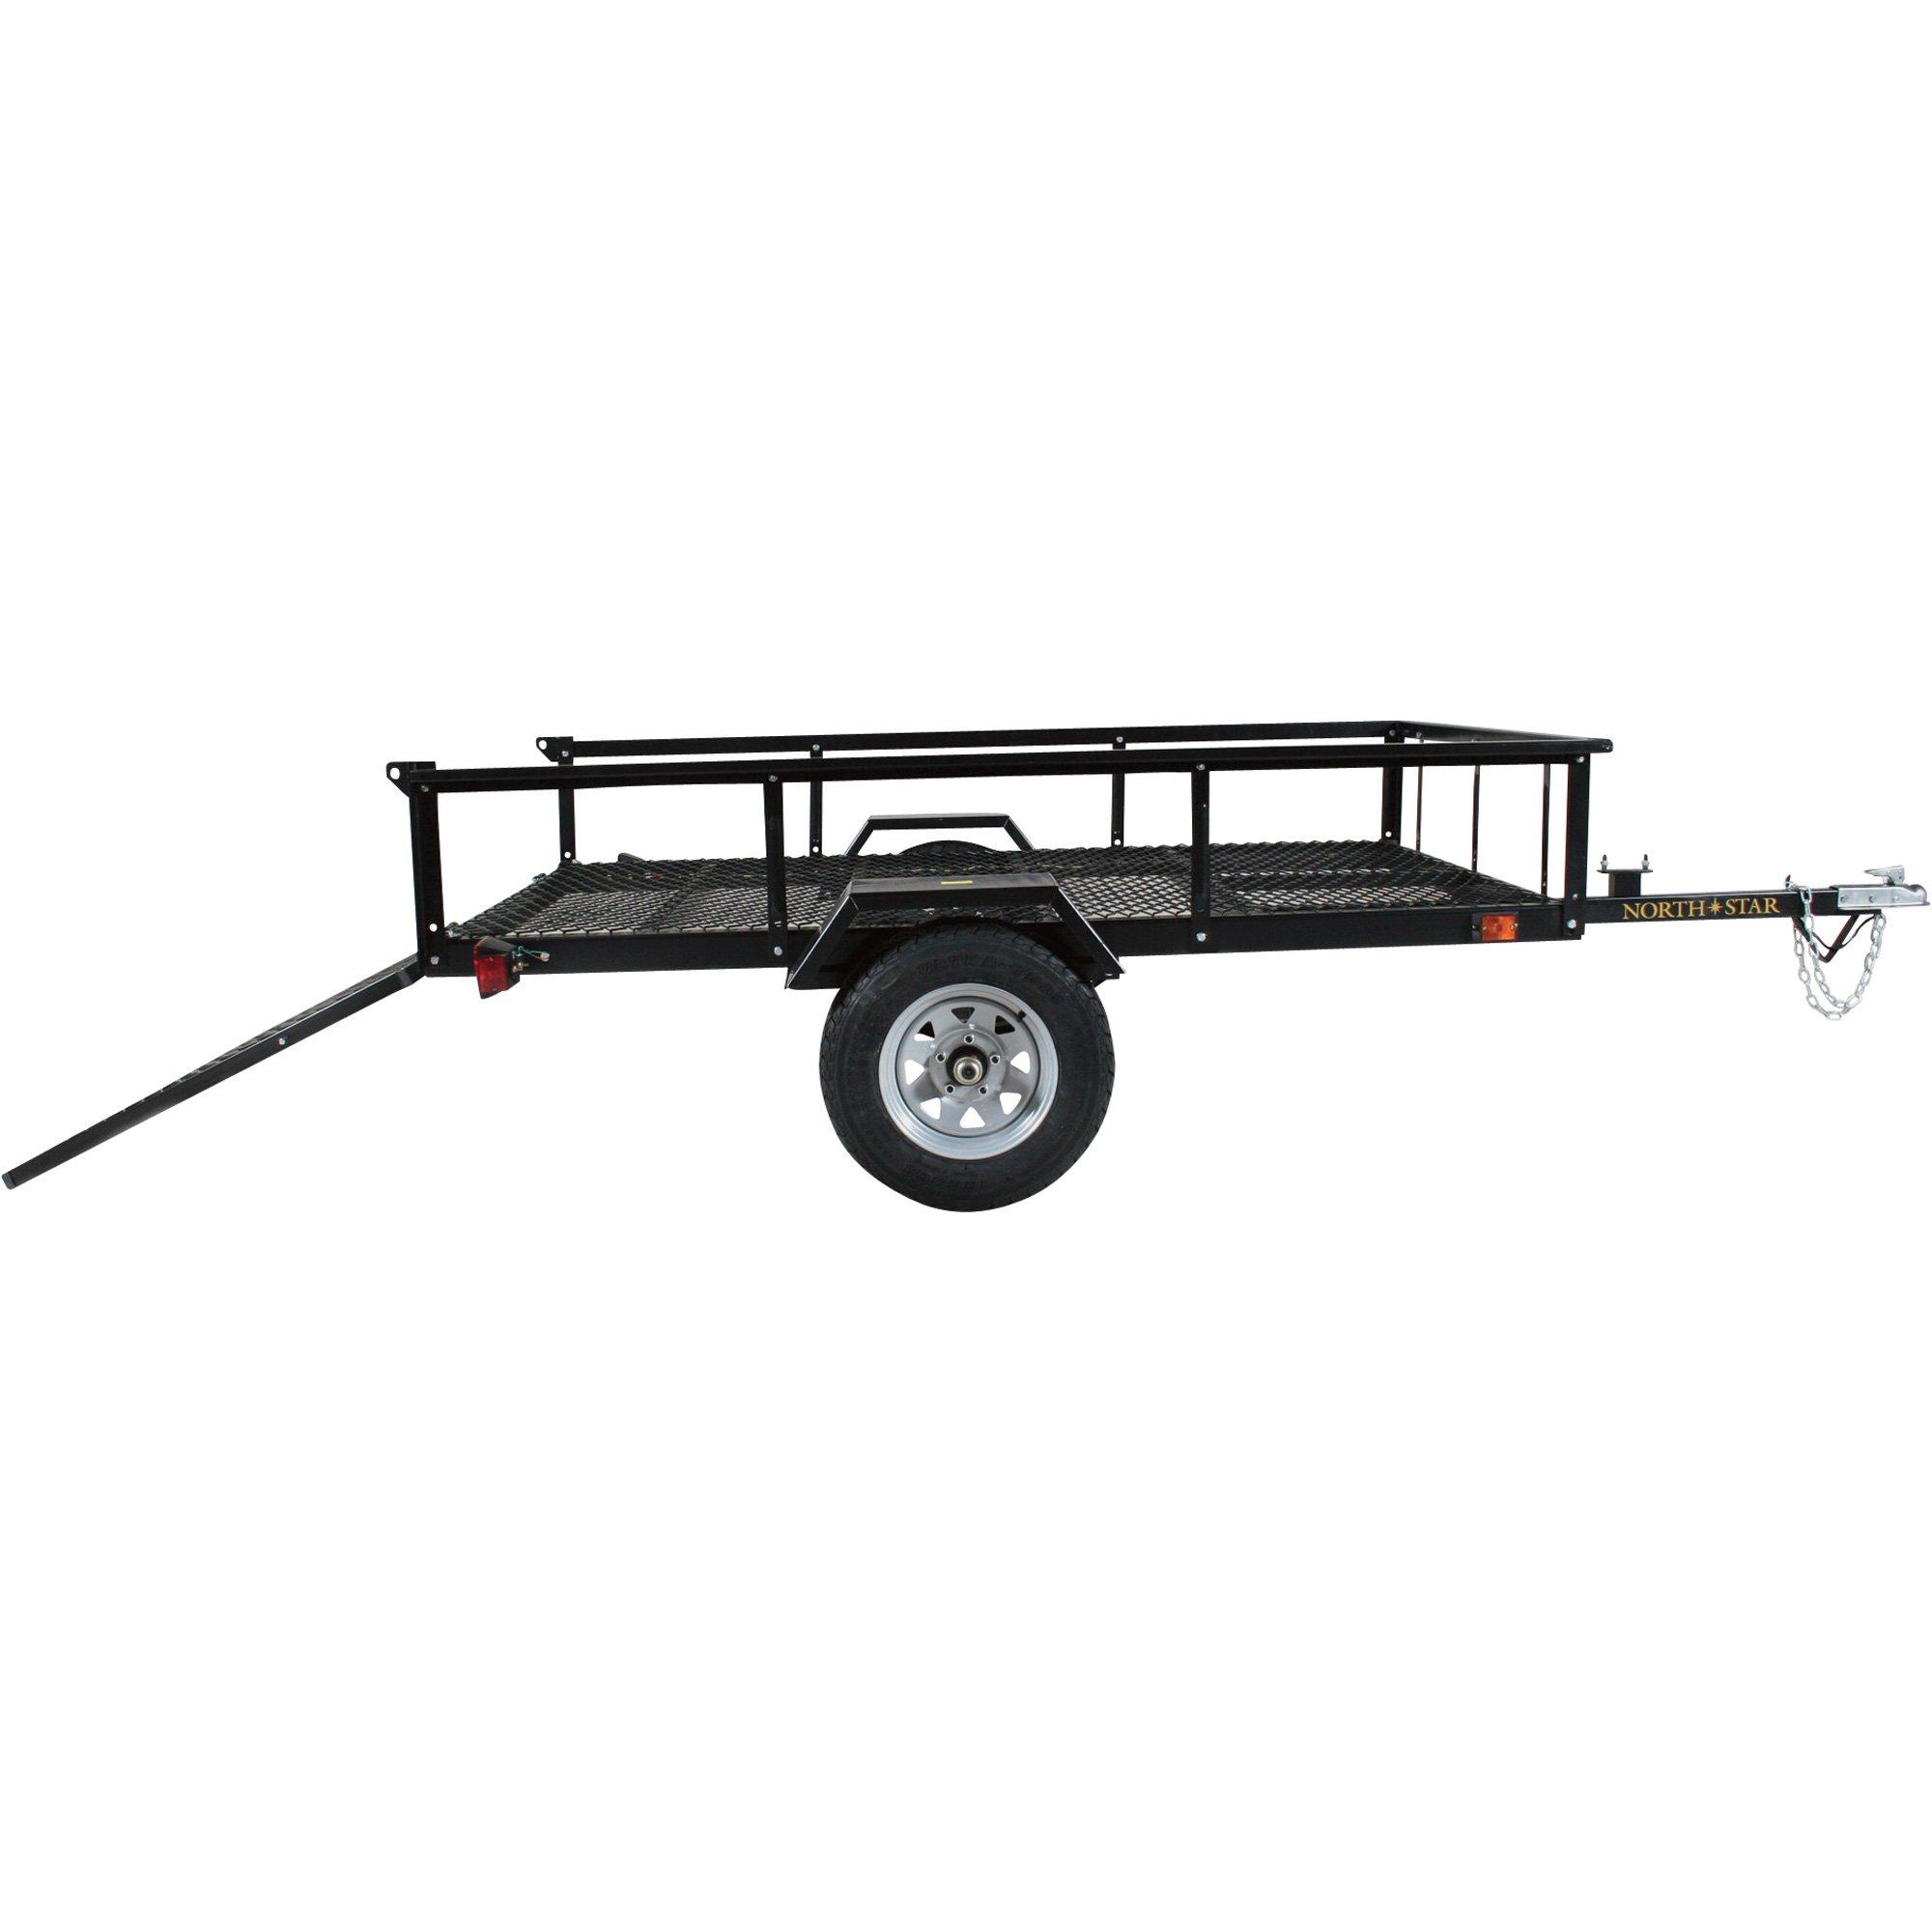 - North Star Trailer Loadstar I-XL Utility/ATV Trailer Kit - 5ft. x 8ft. by North Star Trailer